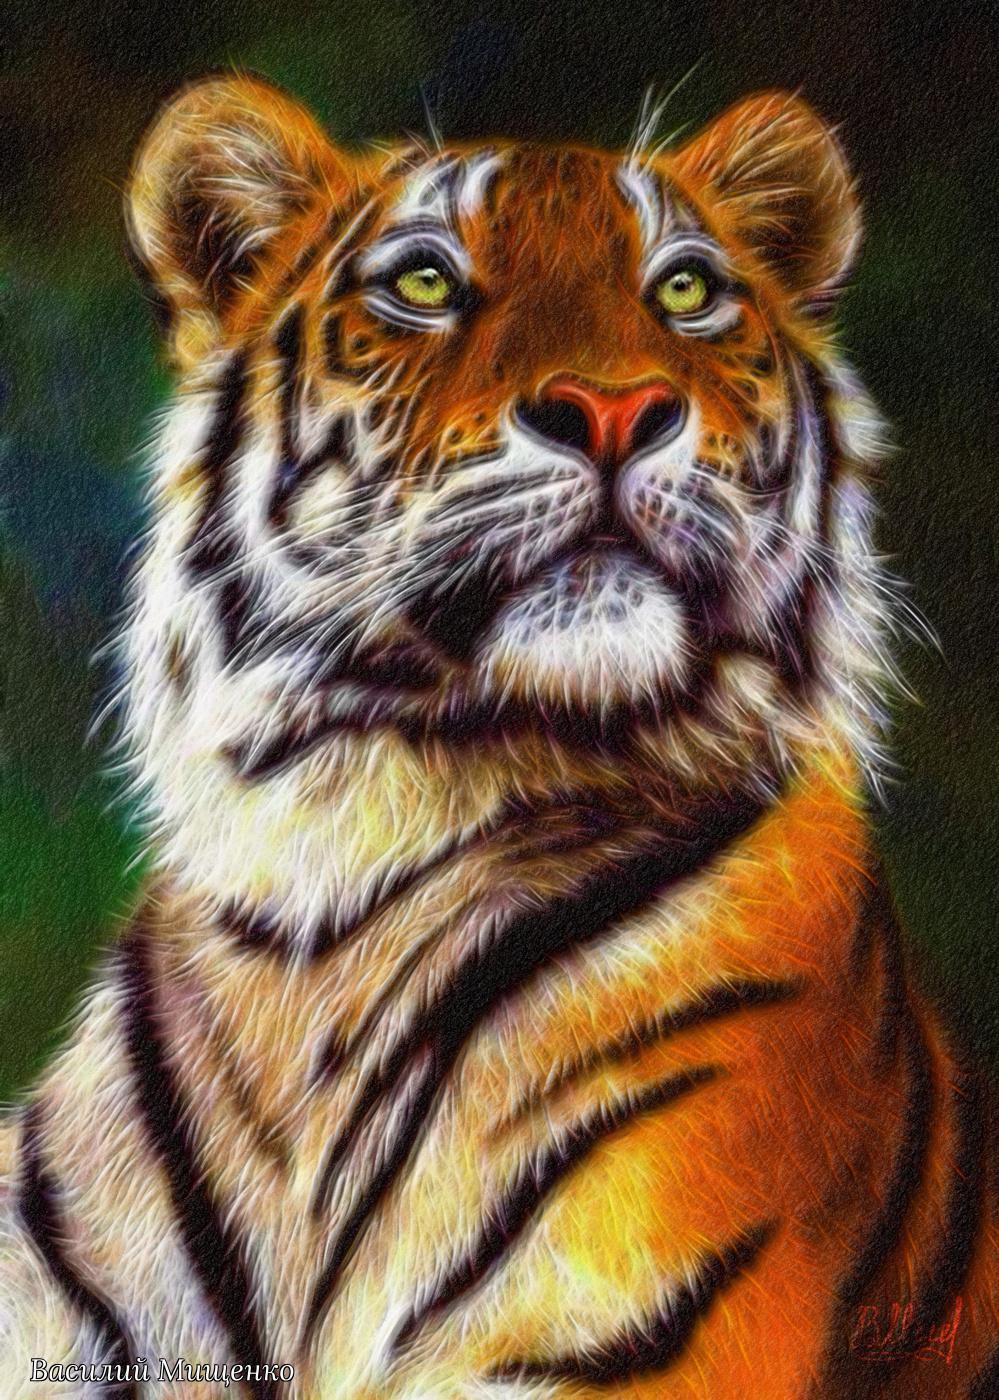 Vasiliy Mishchenko. Tiger's gaze